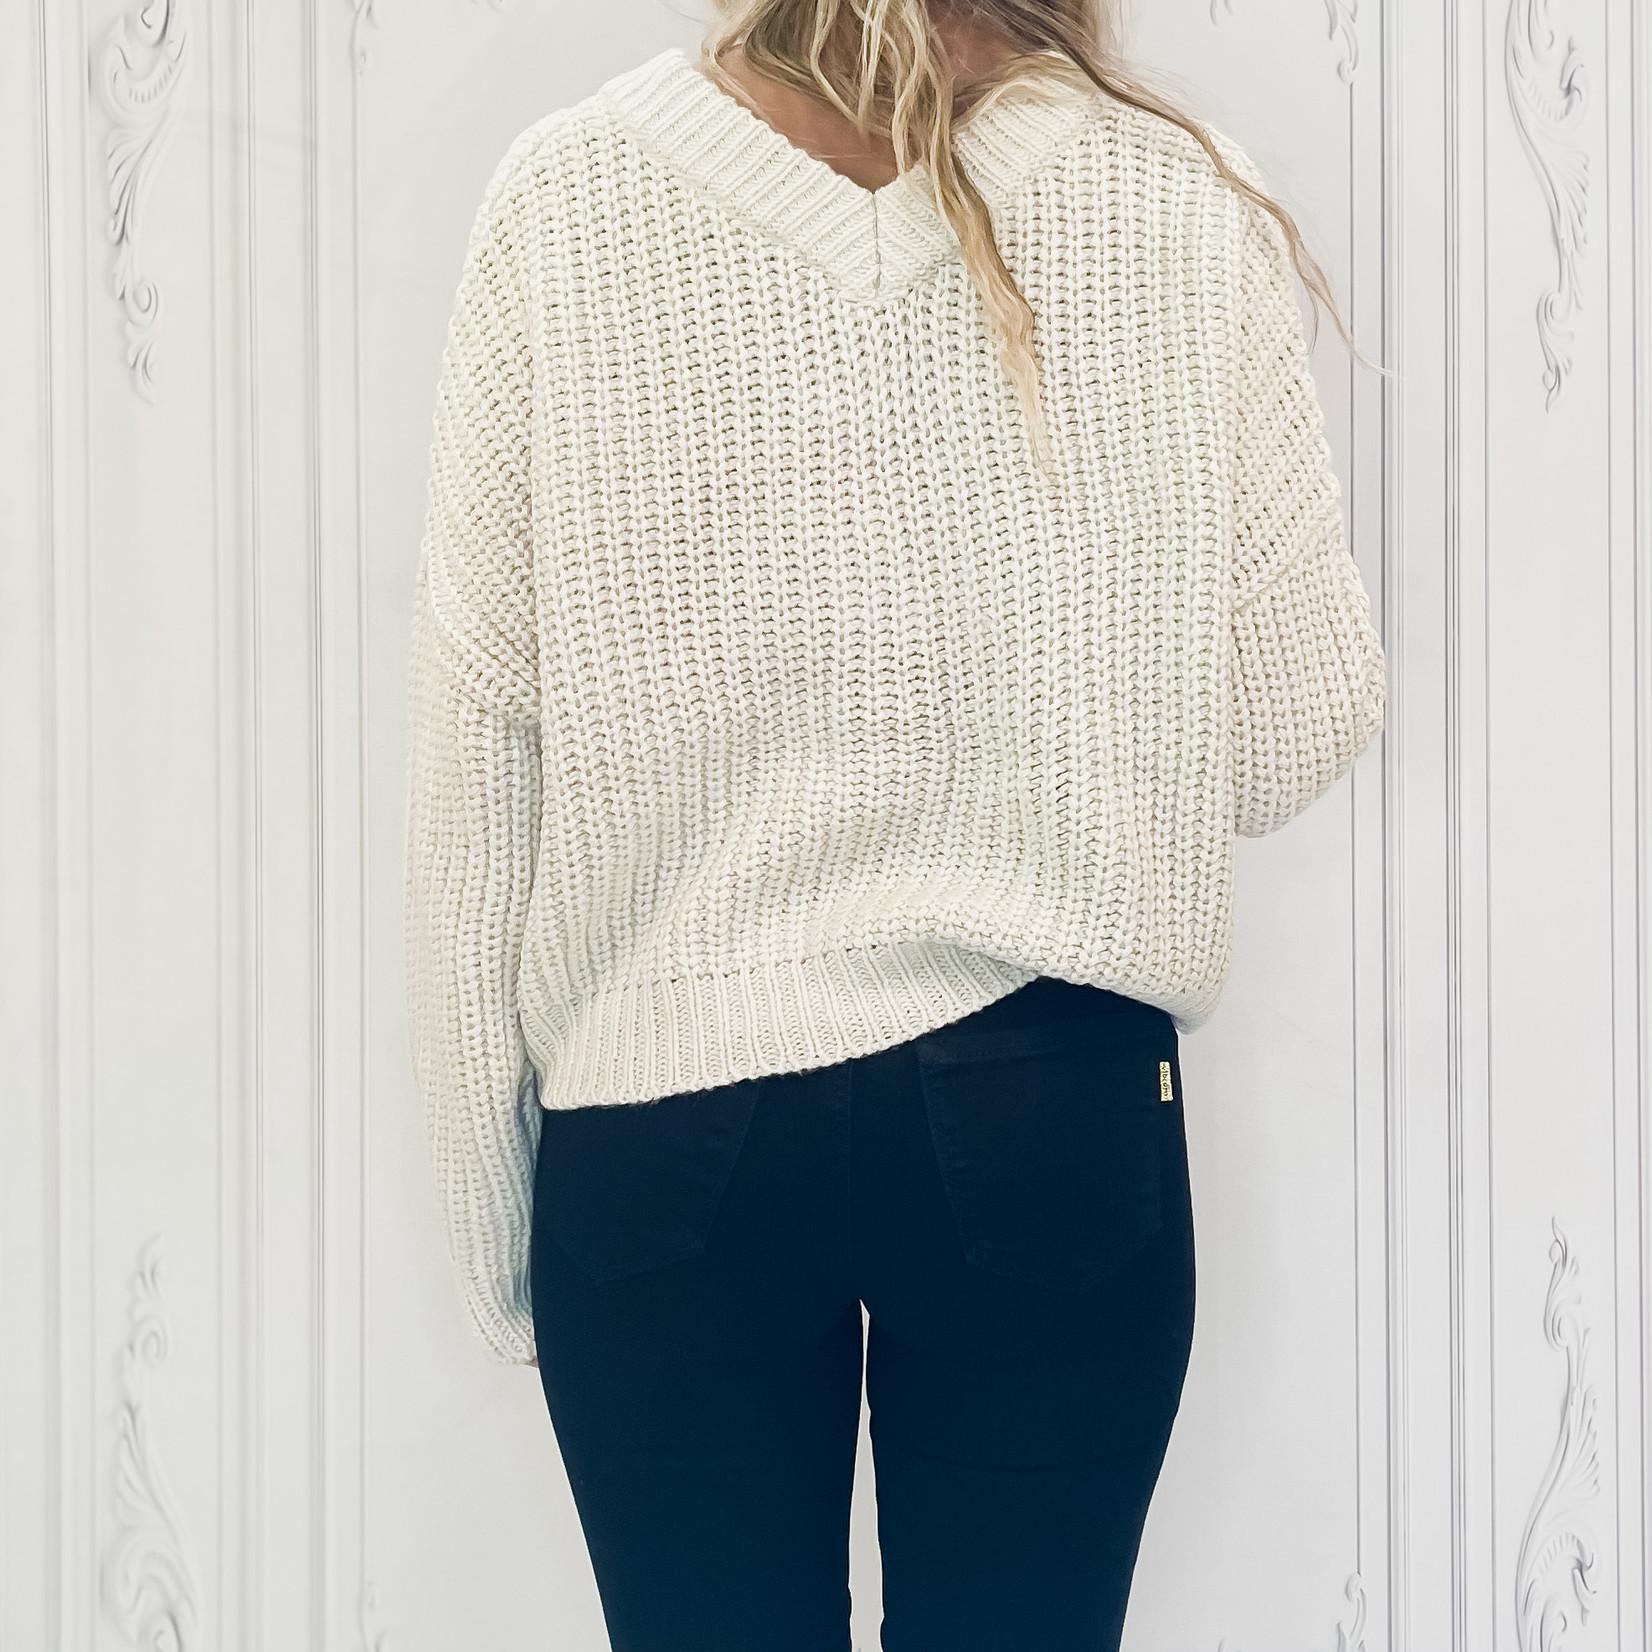 rd style - boxy grandpa sweater